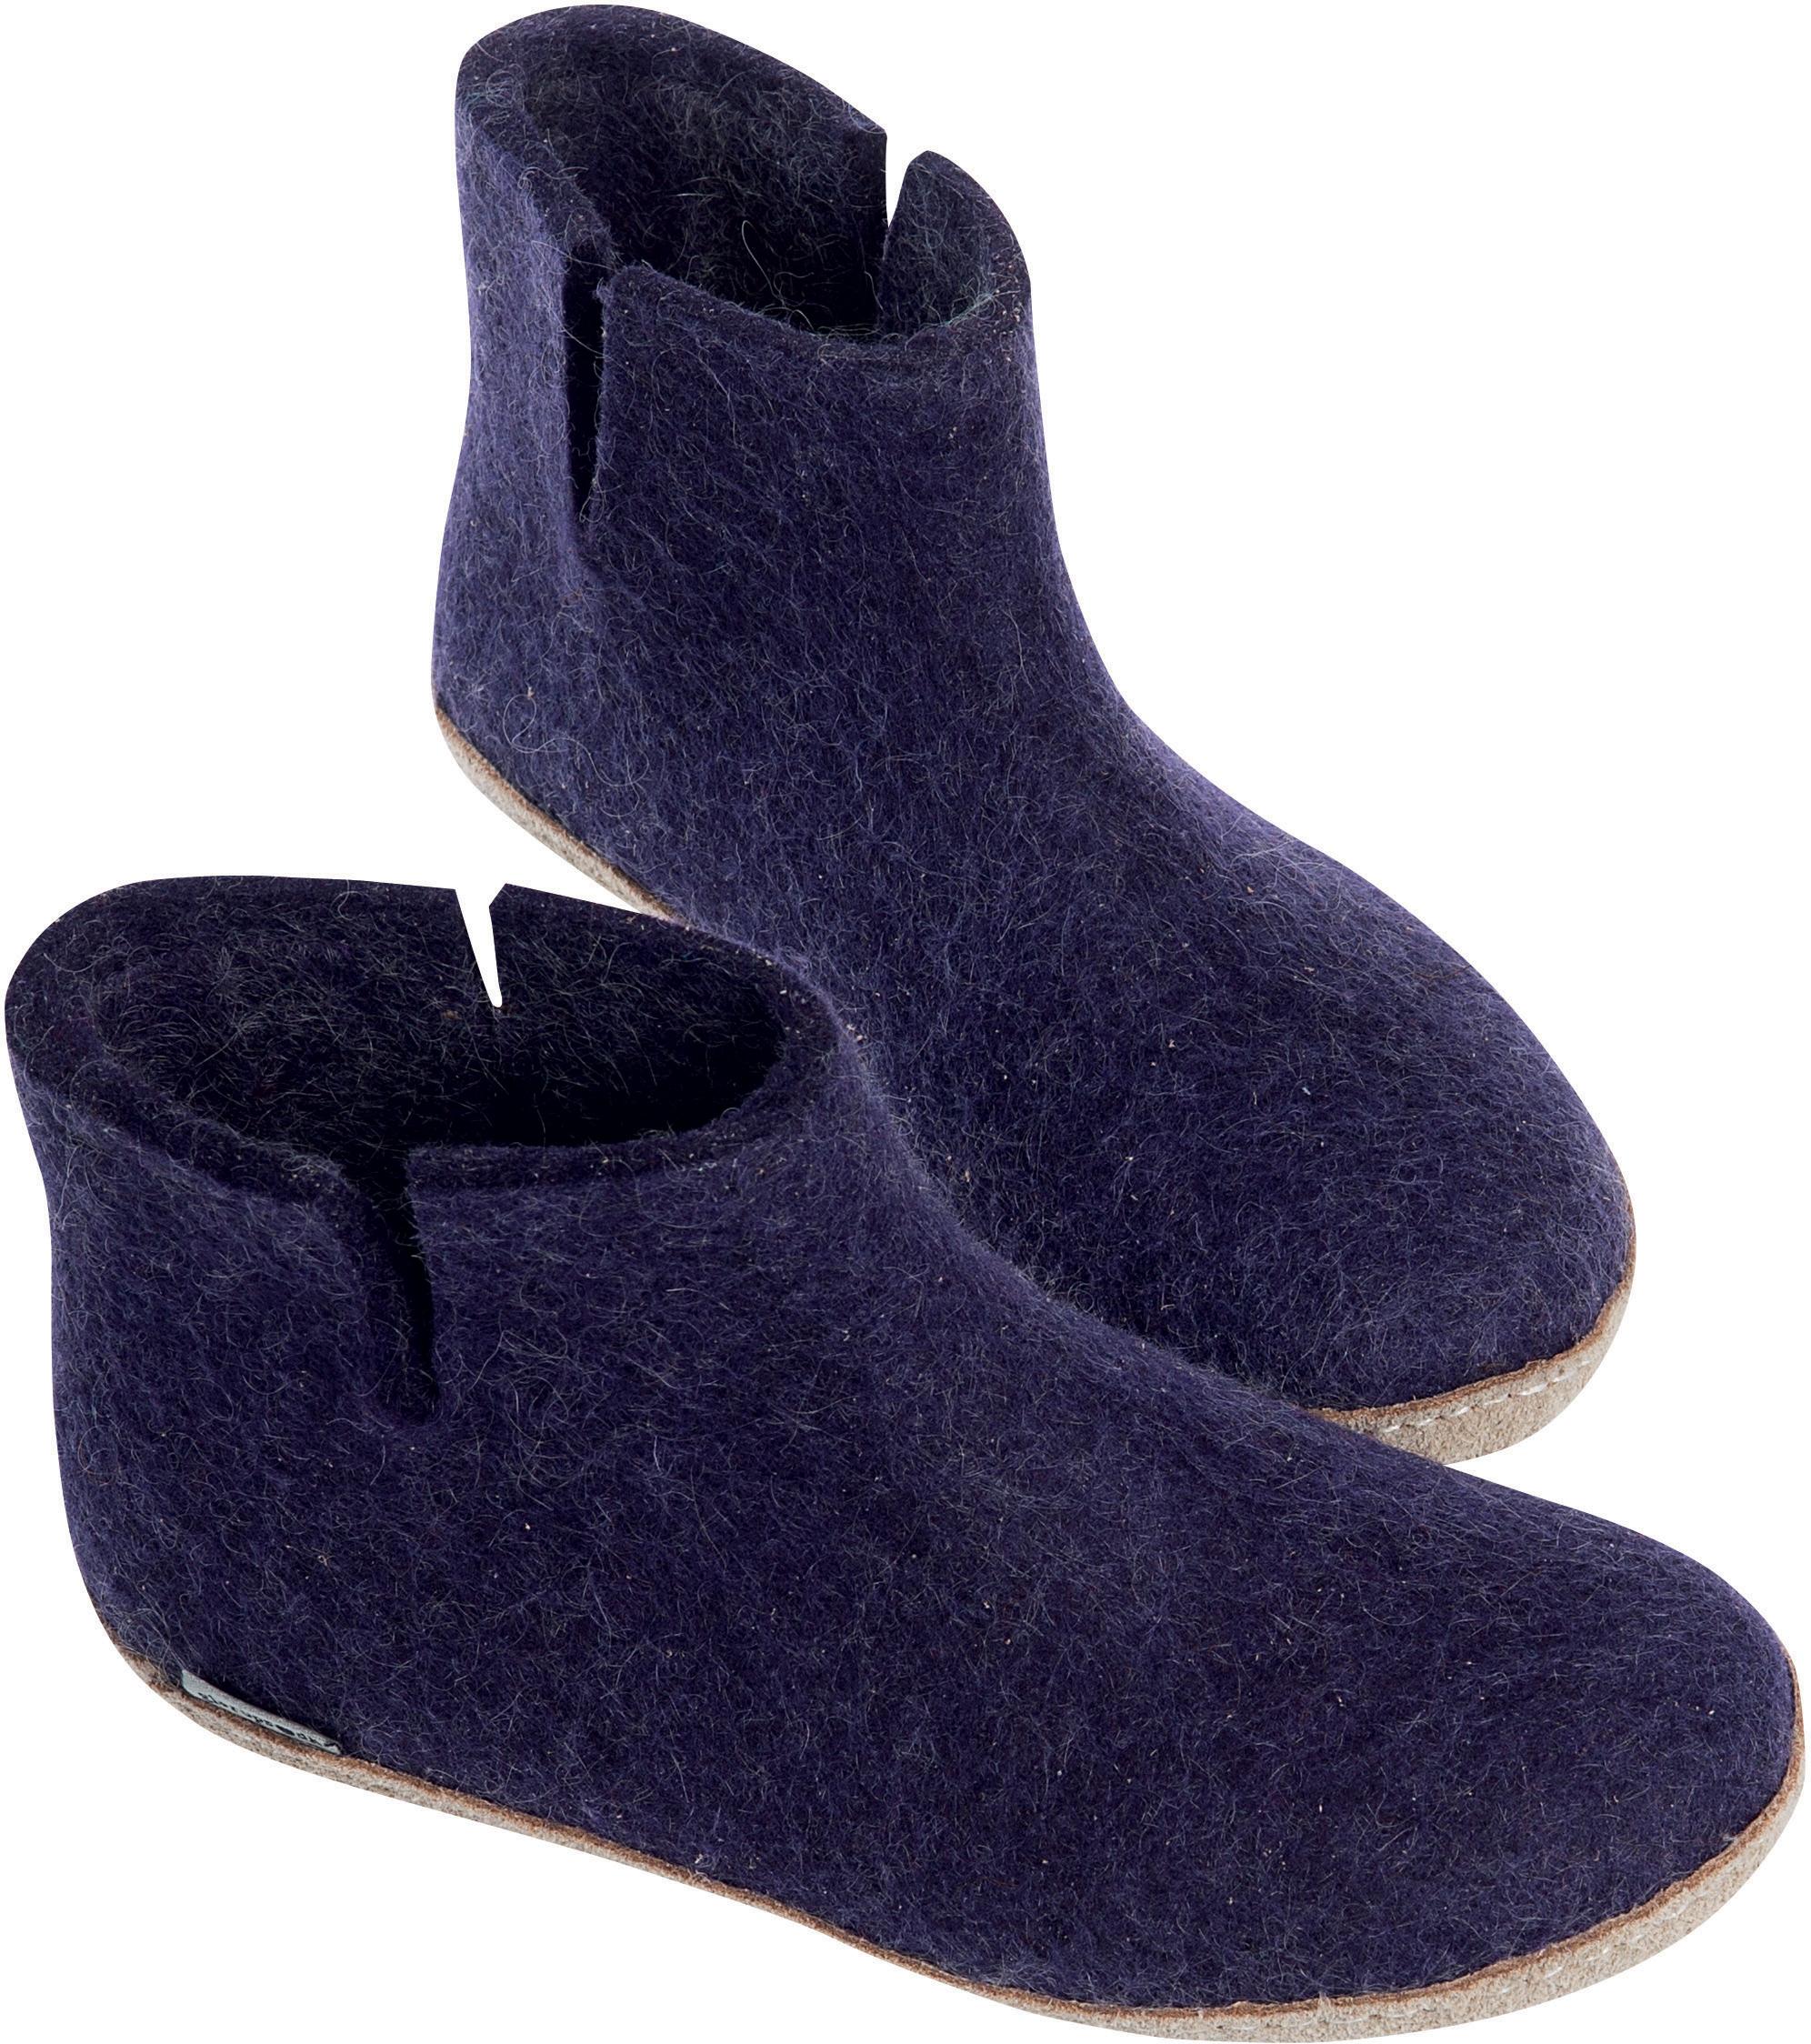 fb857ad59ba7 ... Glerups Unisex G-05 - Felt Boots ·  https   www.theshoemart.com product images images GLE